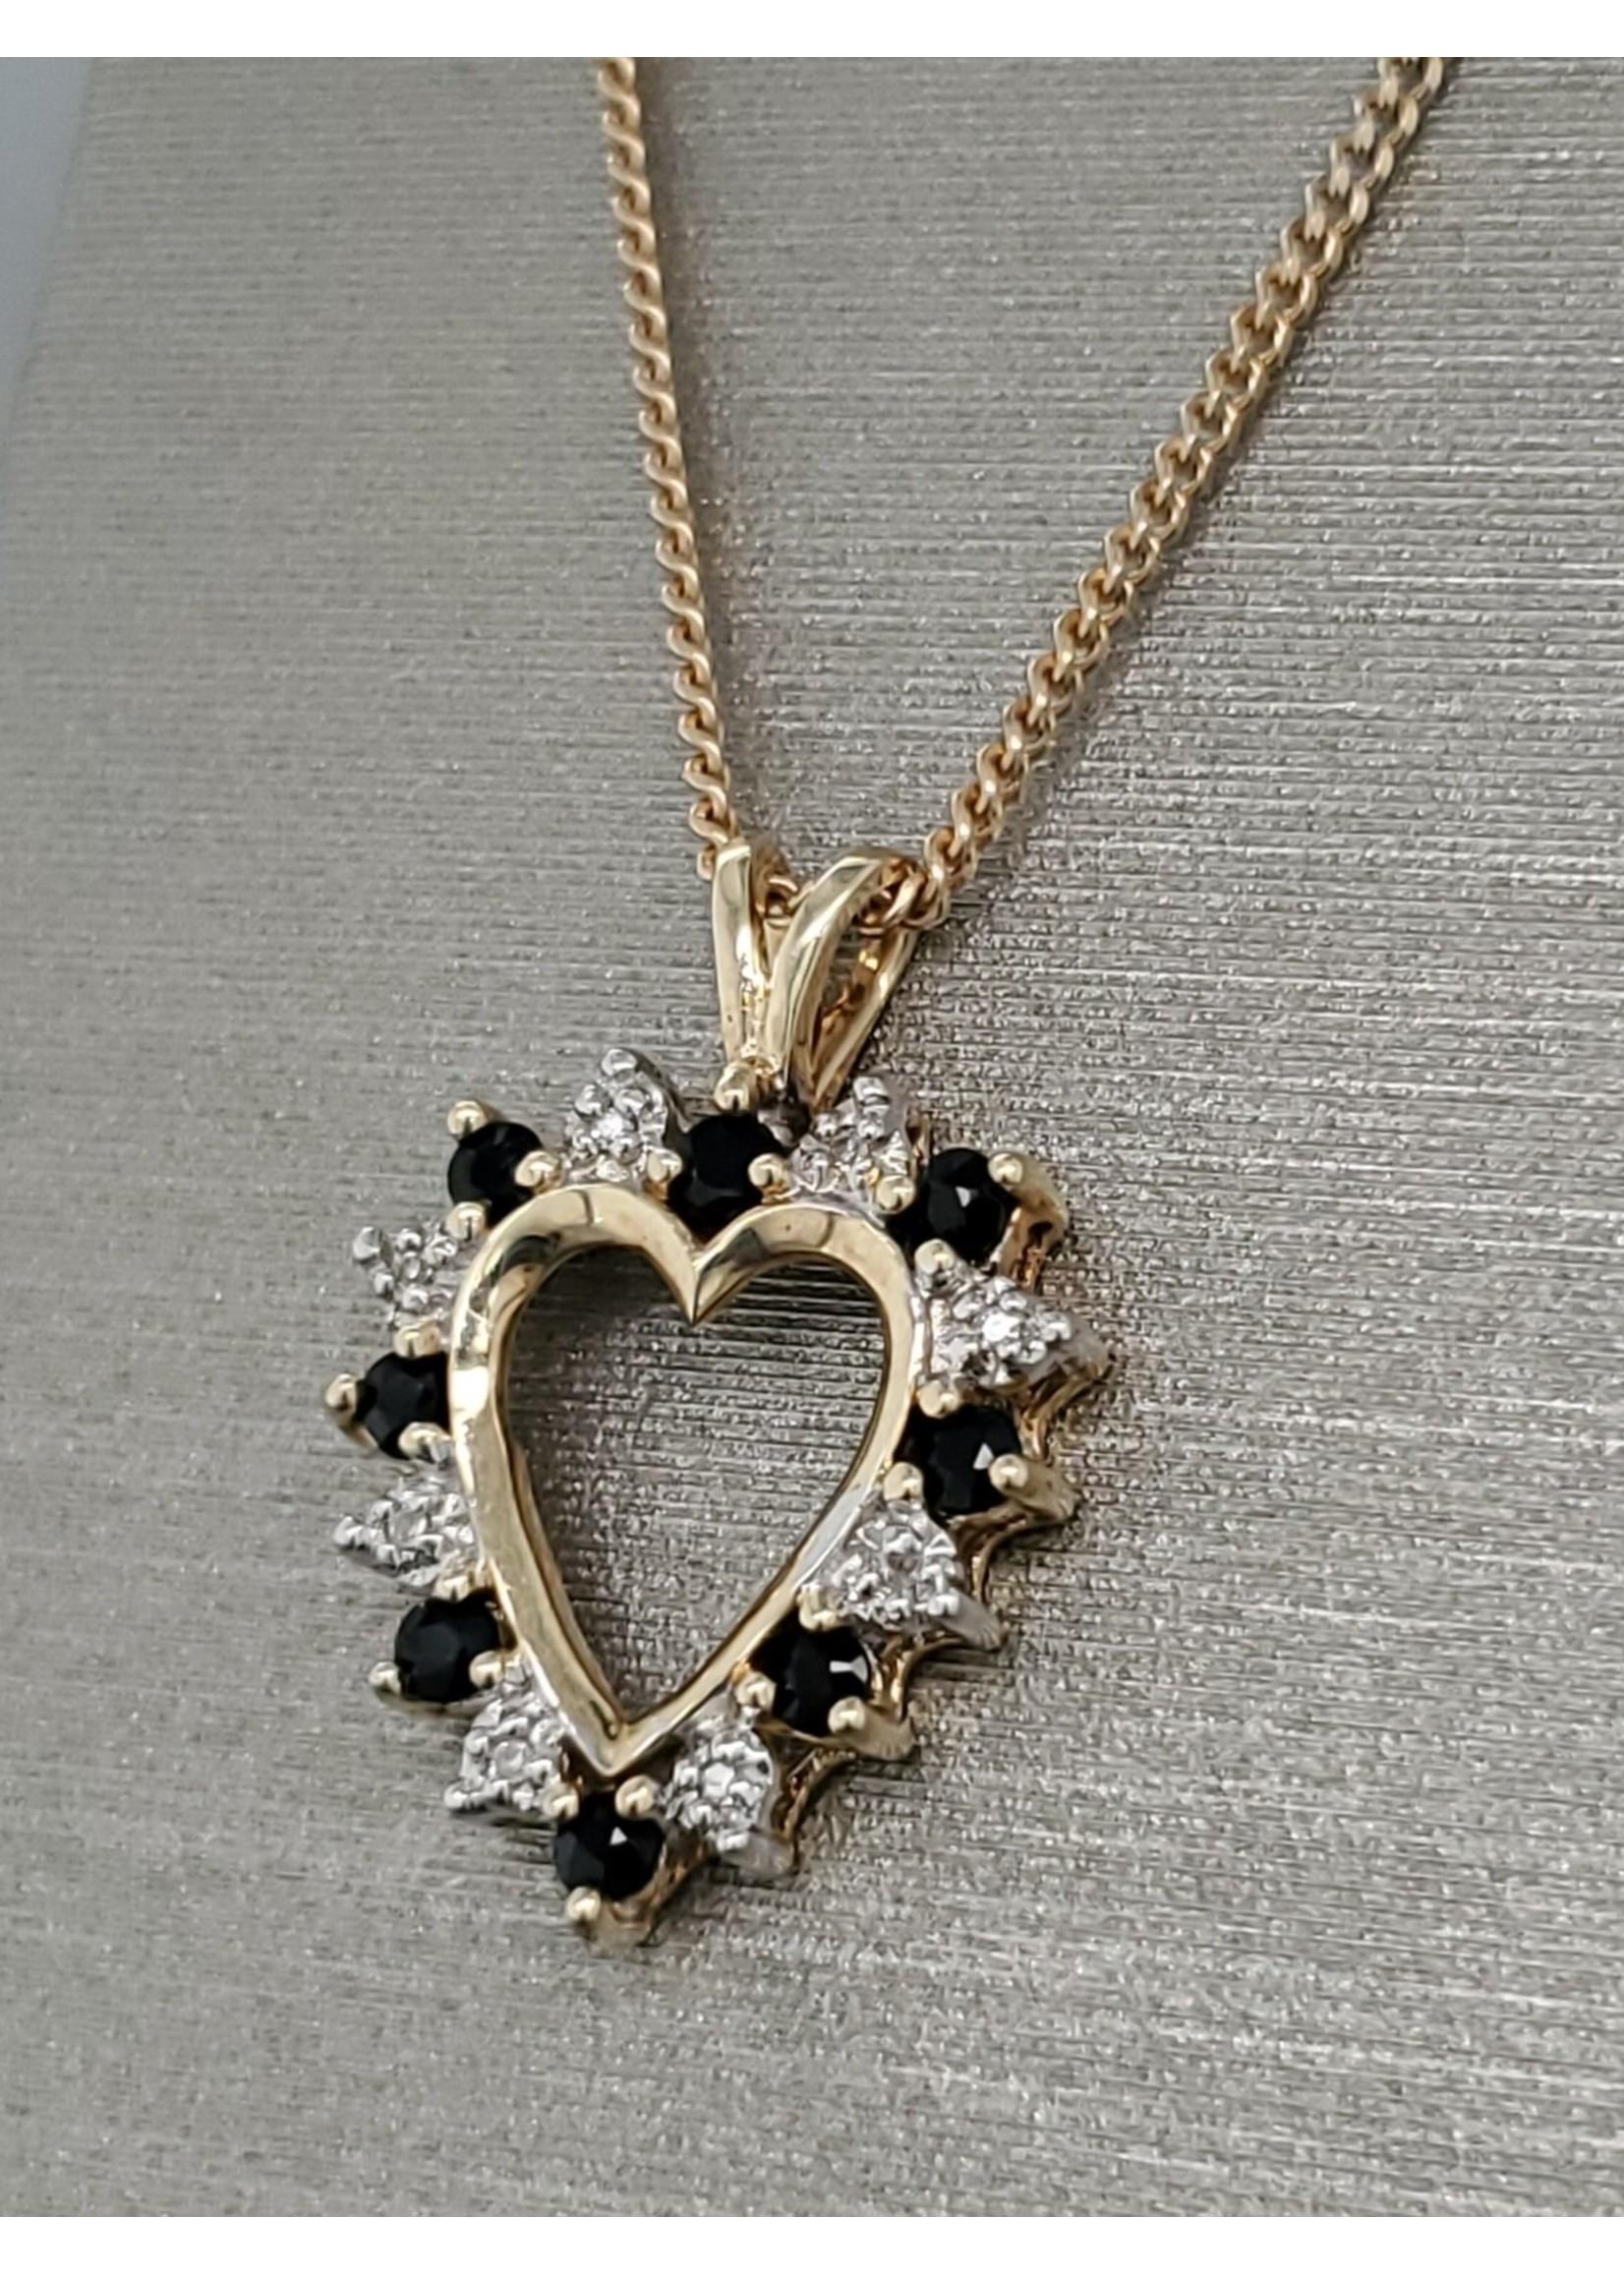 Vintage Jewellery Vintage 10k Heart Pendant | 22mmx16mm